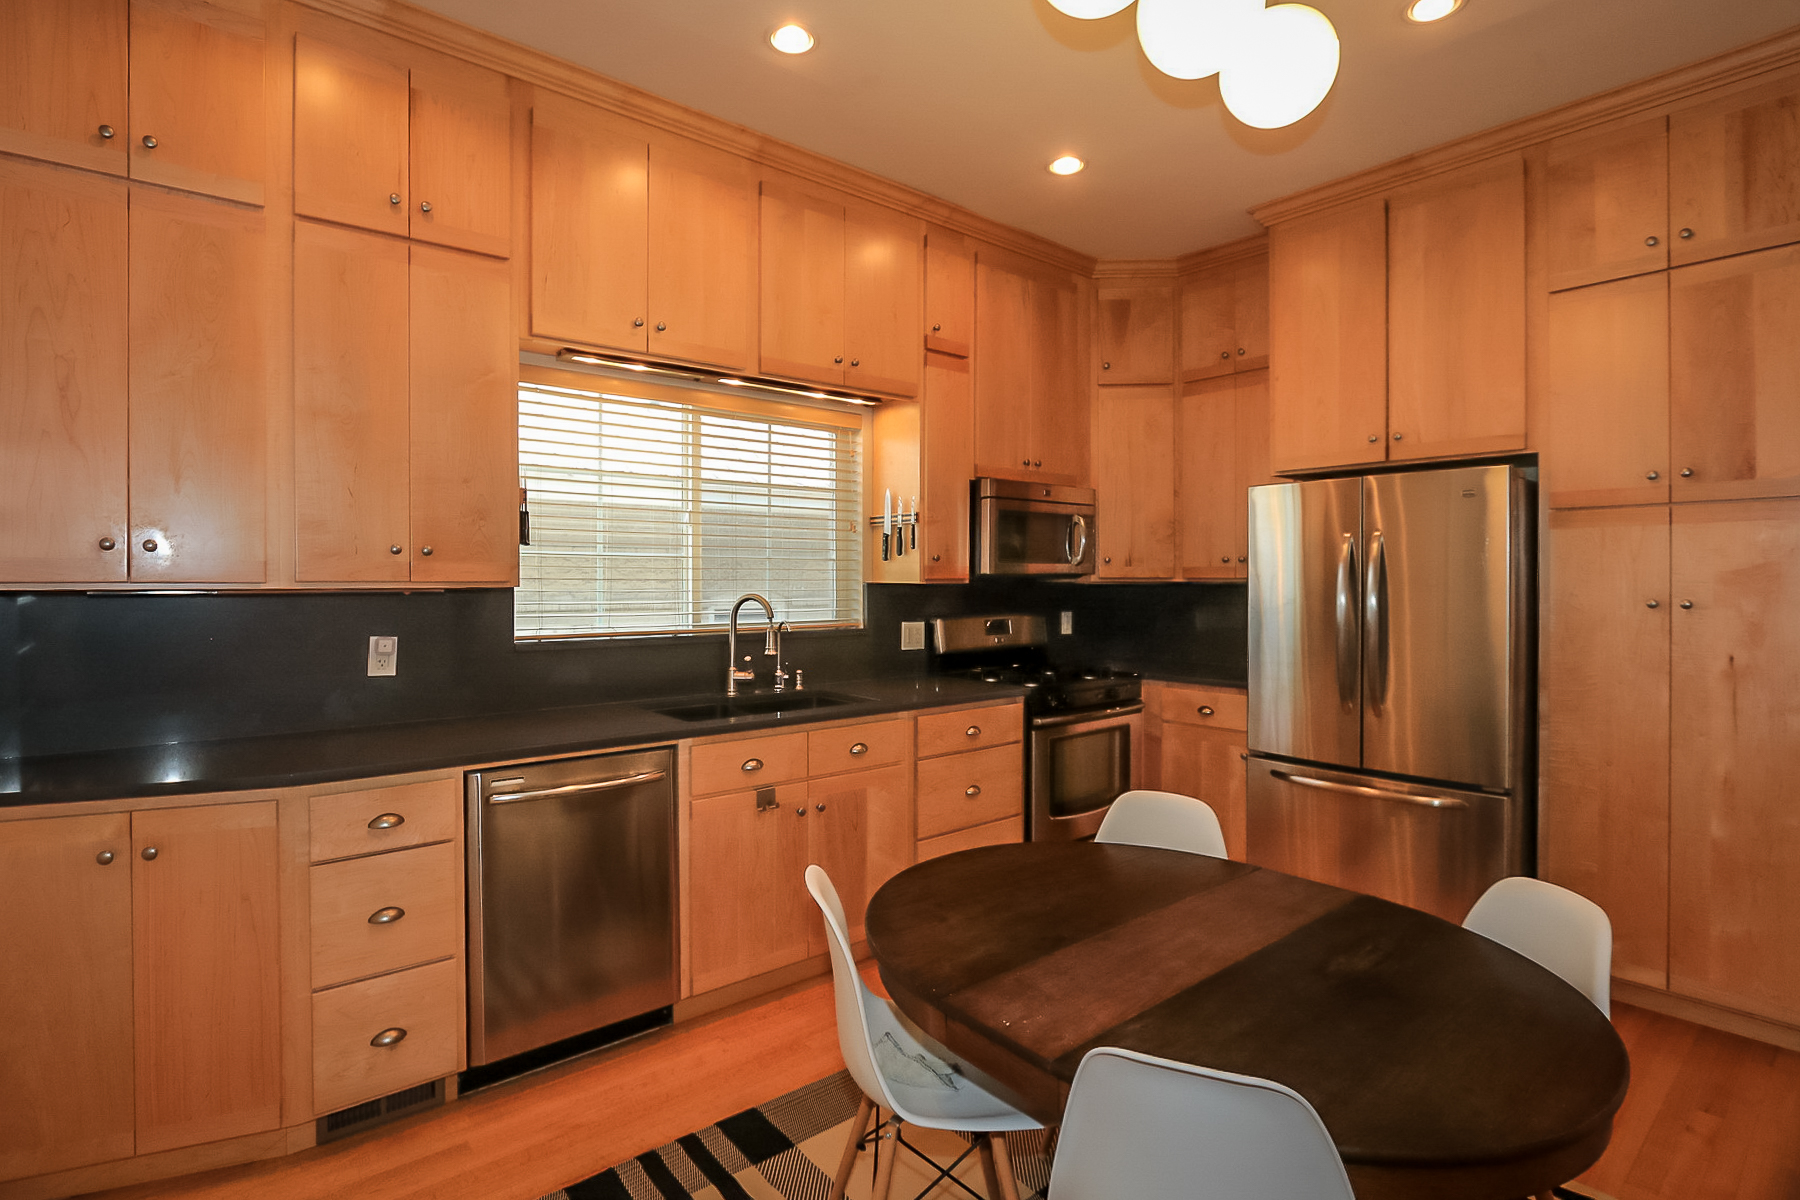 Kitchen of 270 J St Salt Lake City, UT 84103